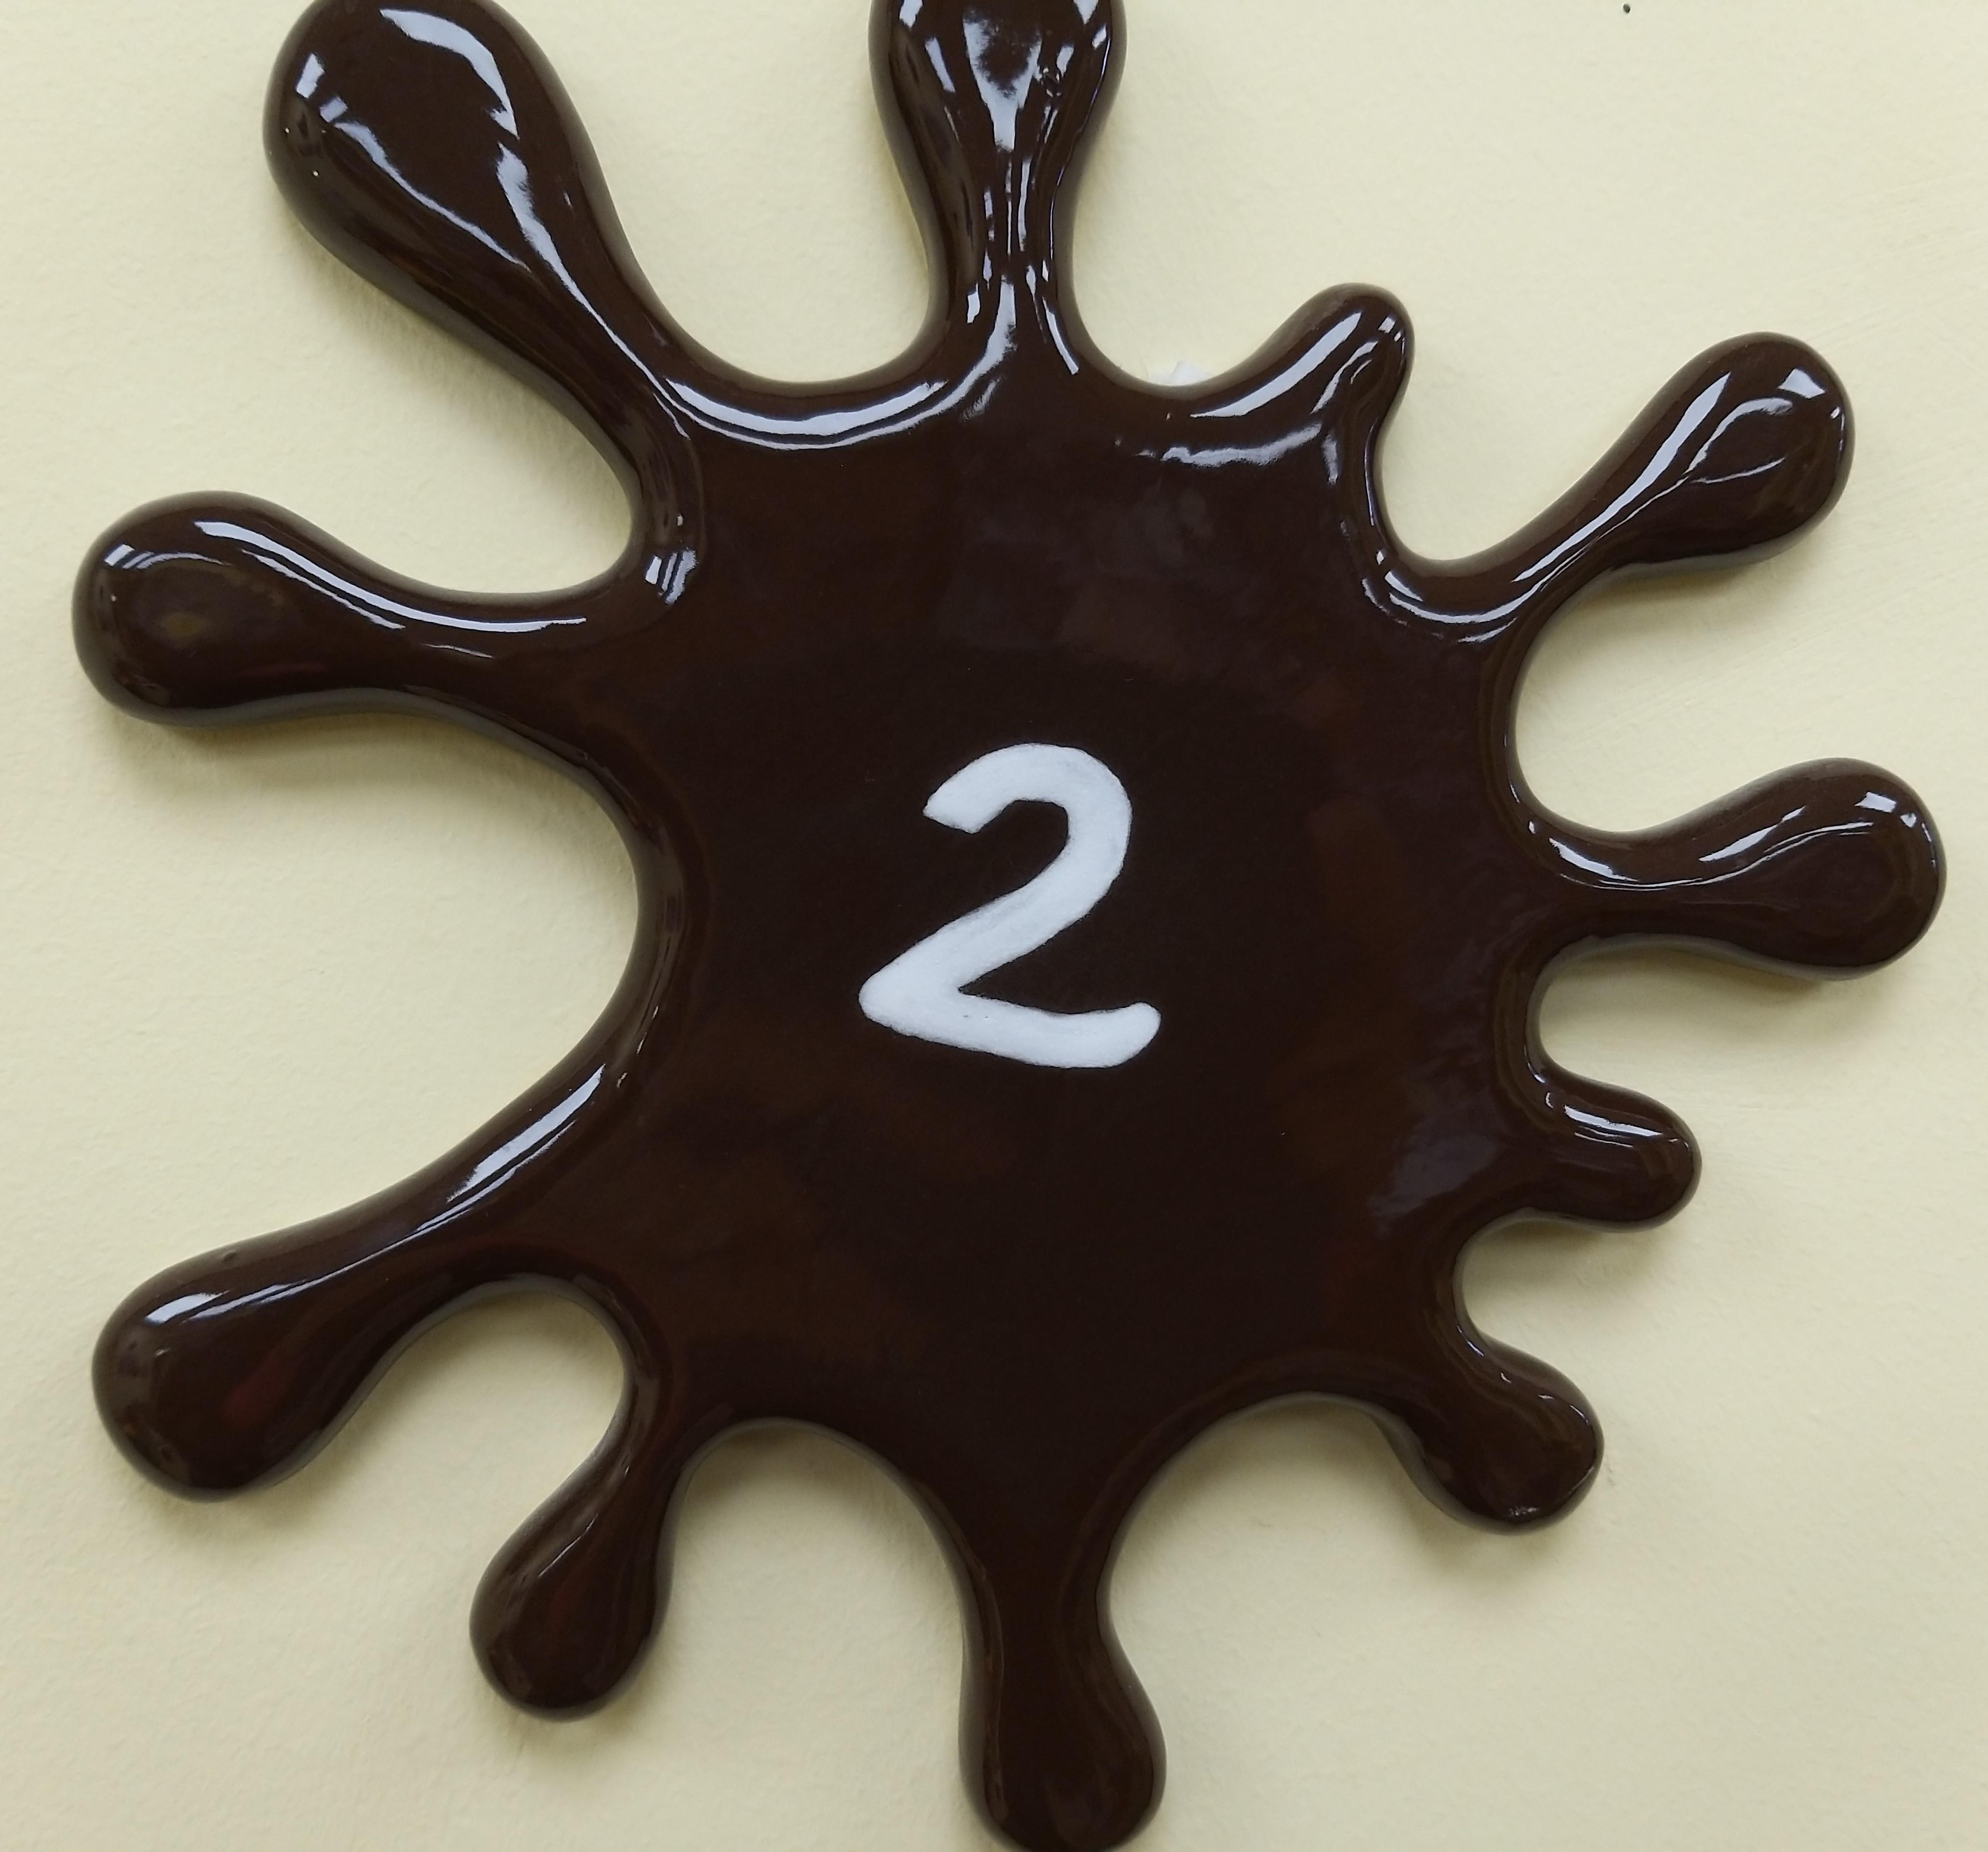 02. Very Dark Brown